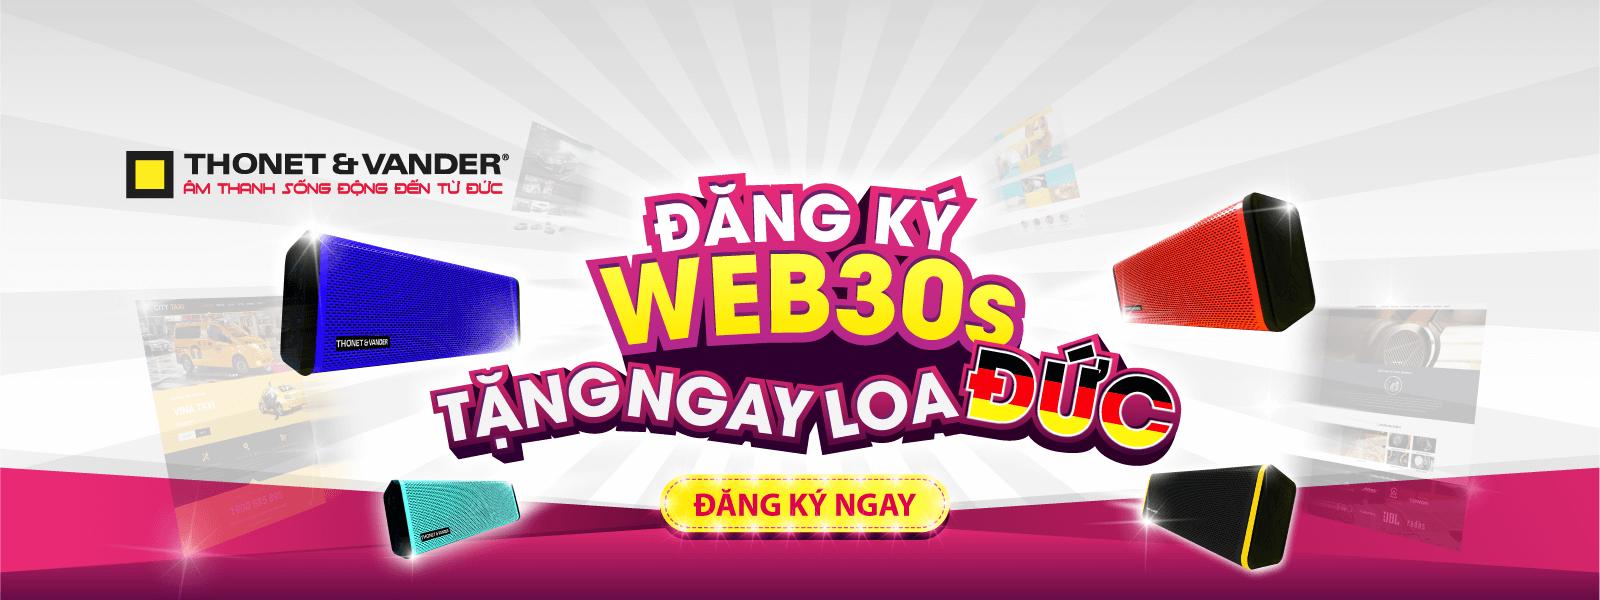 Đăng Ký Web30s Tặng Ngay Loa Đức